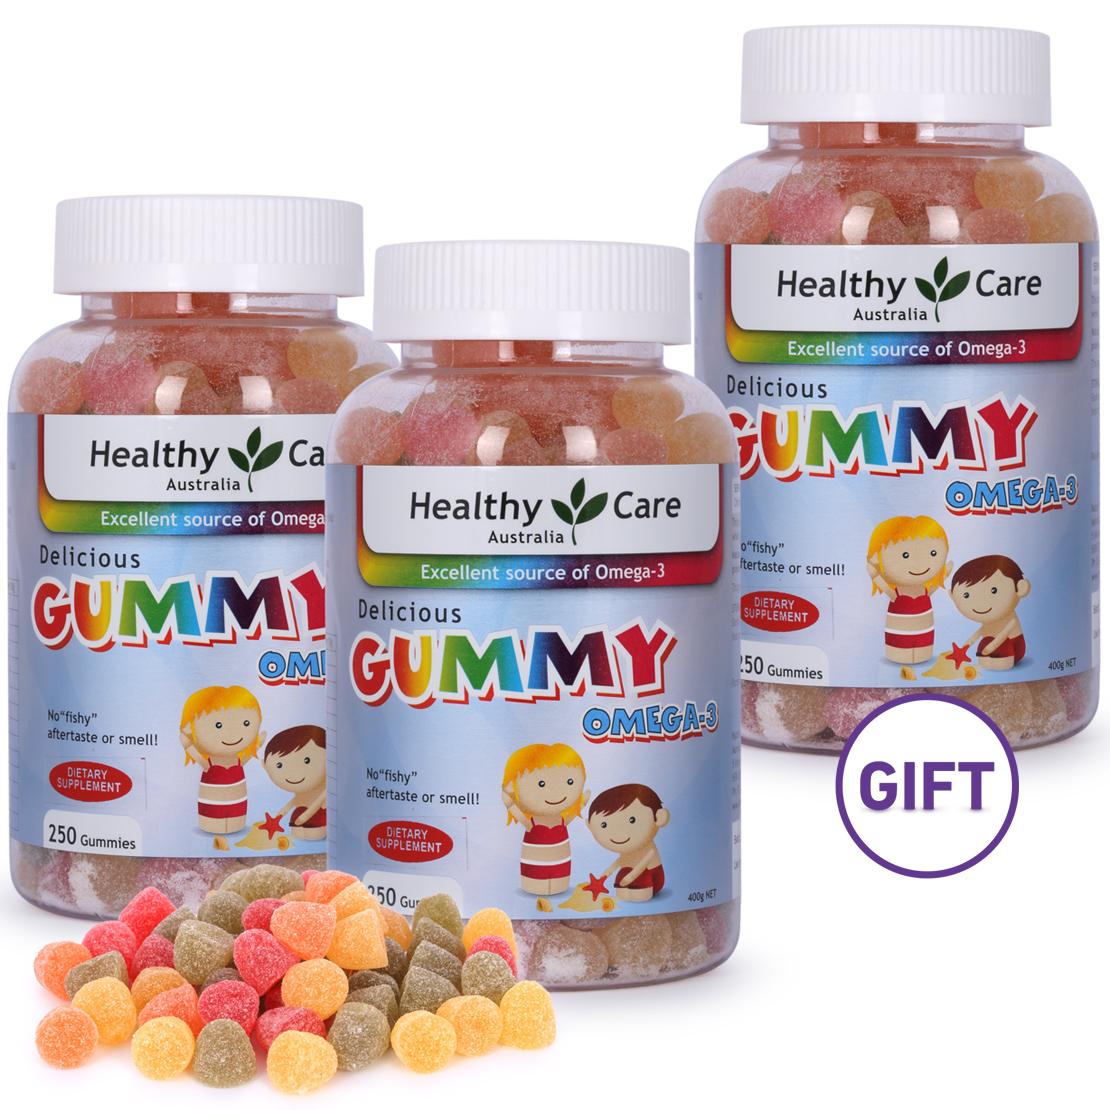 Omega 3 Kids Gummies - Buy 2 Get 1 Free